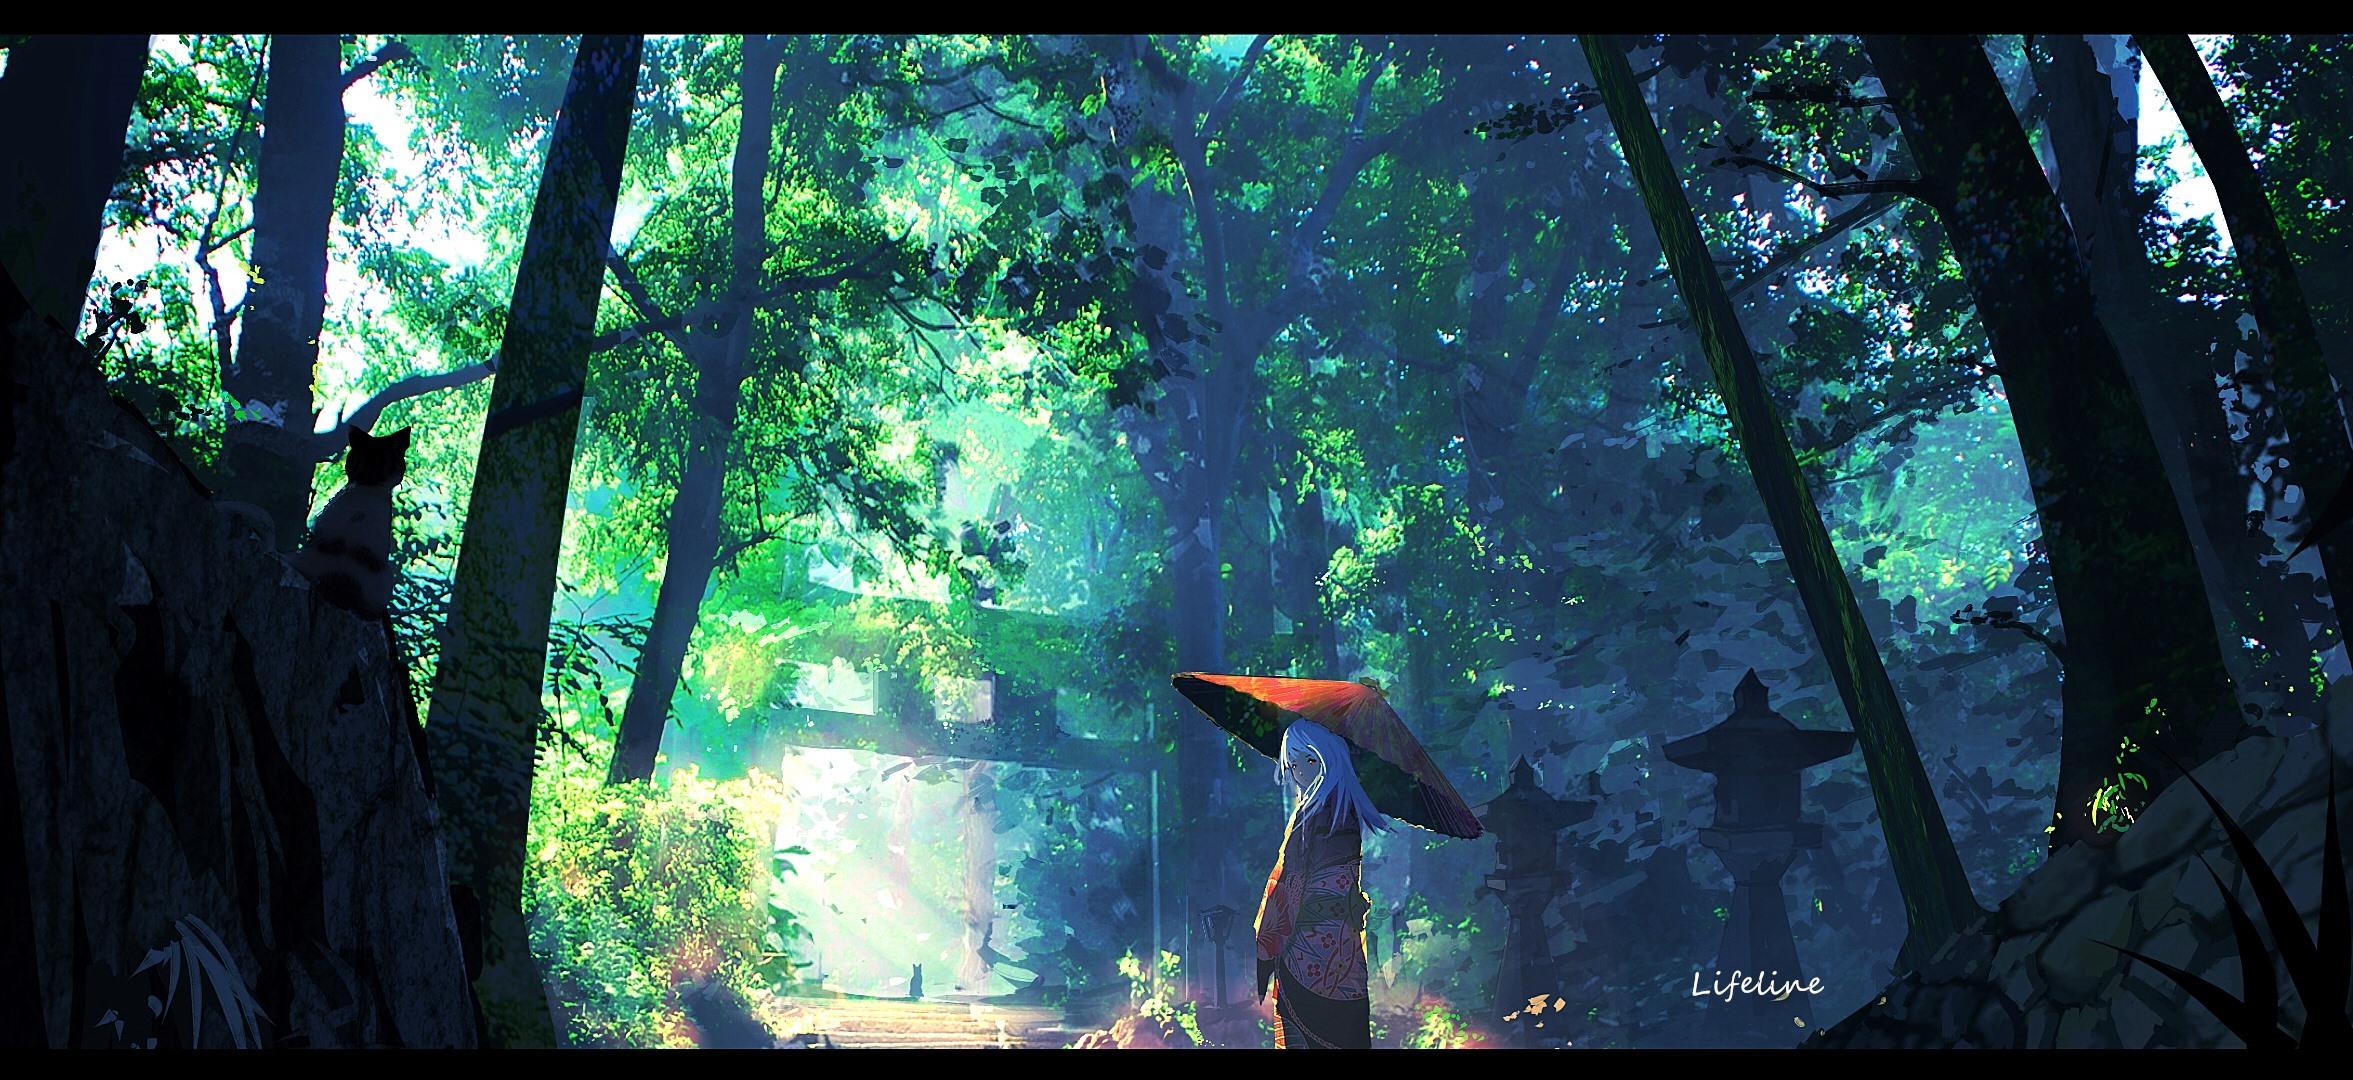 【P站画师】光与影的交织!中国画师Lifeline的插画作品- ACG17.COM